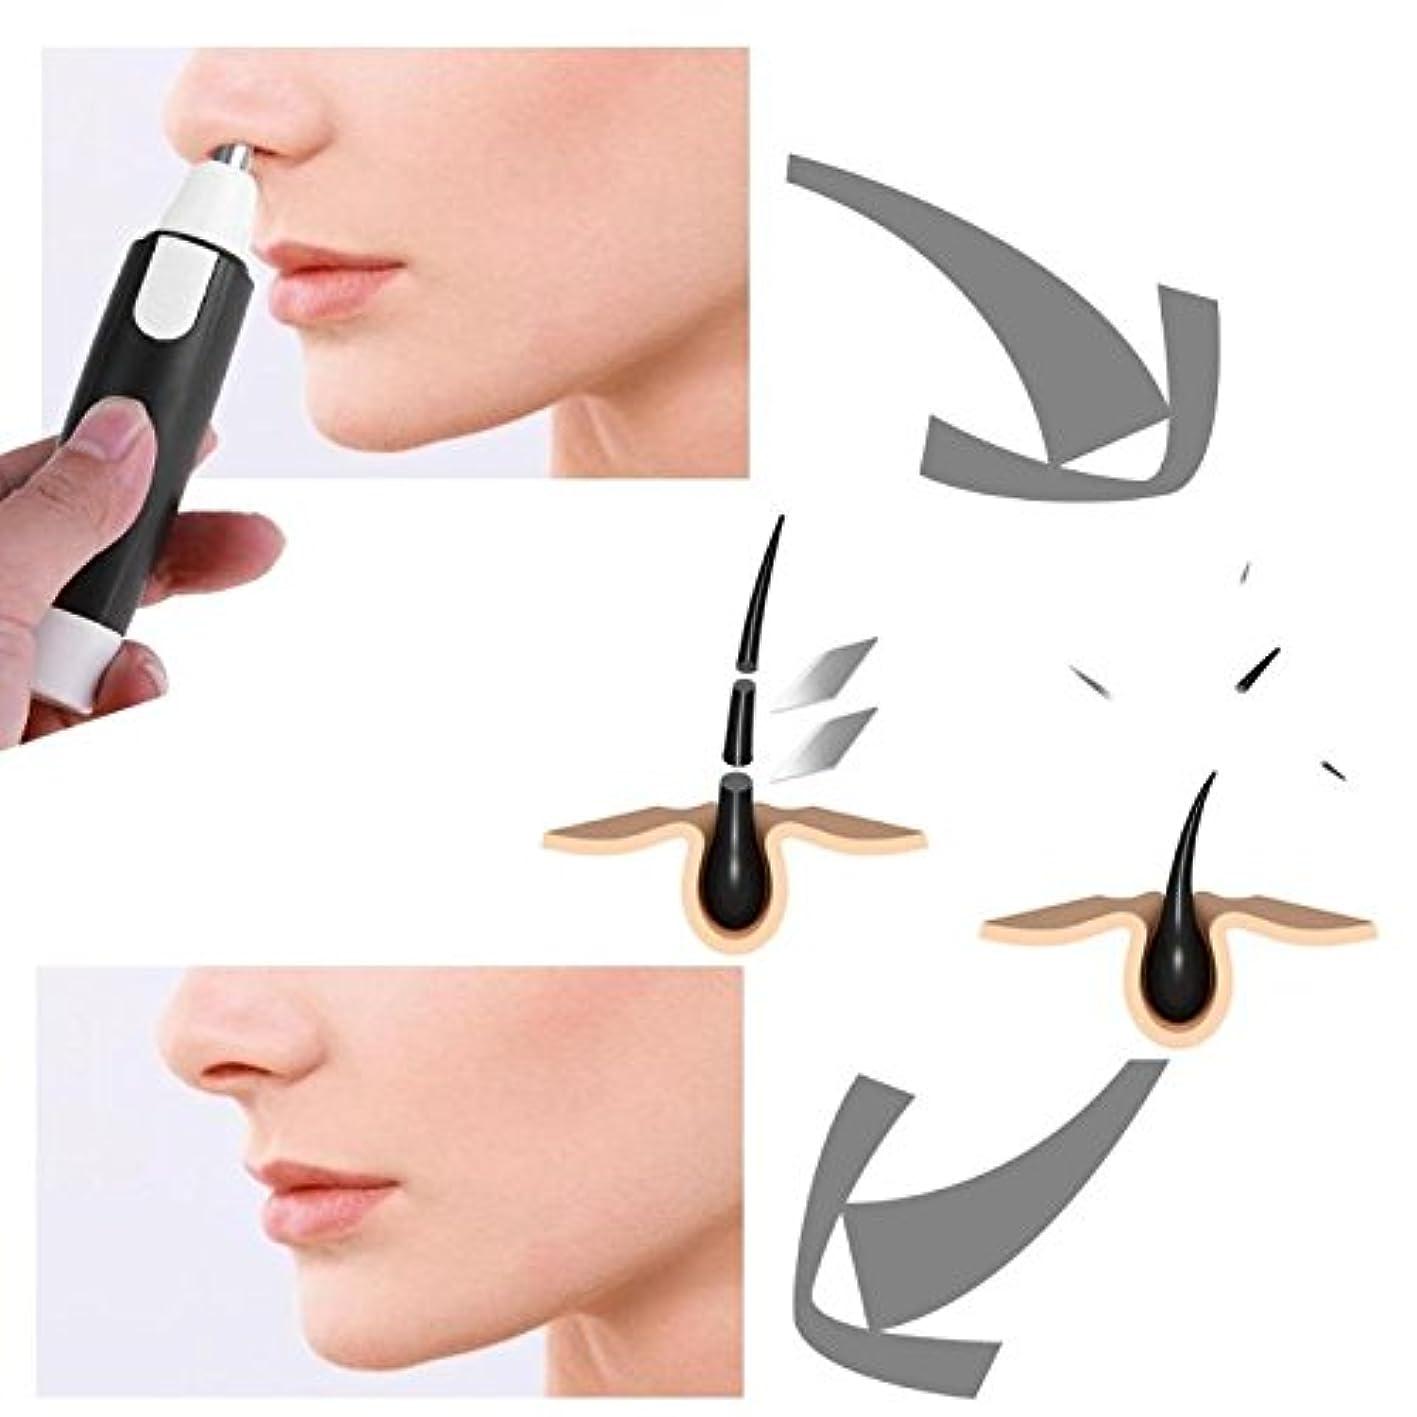 行締め切りラボElectric Shaver Men Nose Face Care Hair Removal Trimmer Cleaner Tool Nasal Wool Implement Nose Hair Cut For Men Washed Trimmer